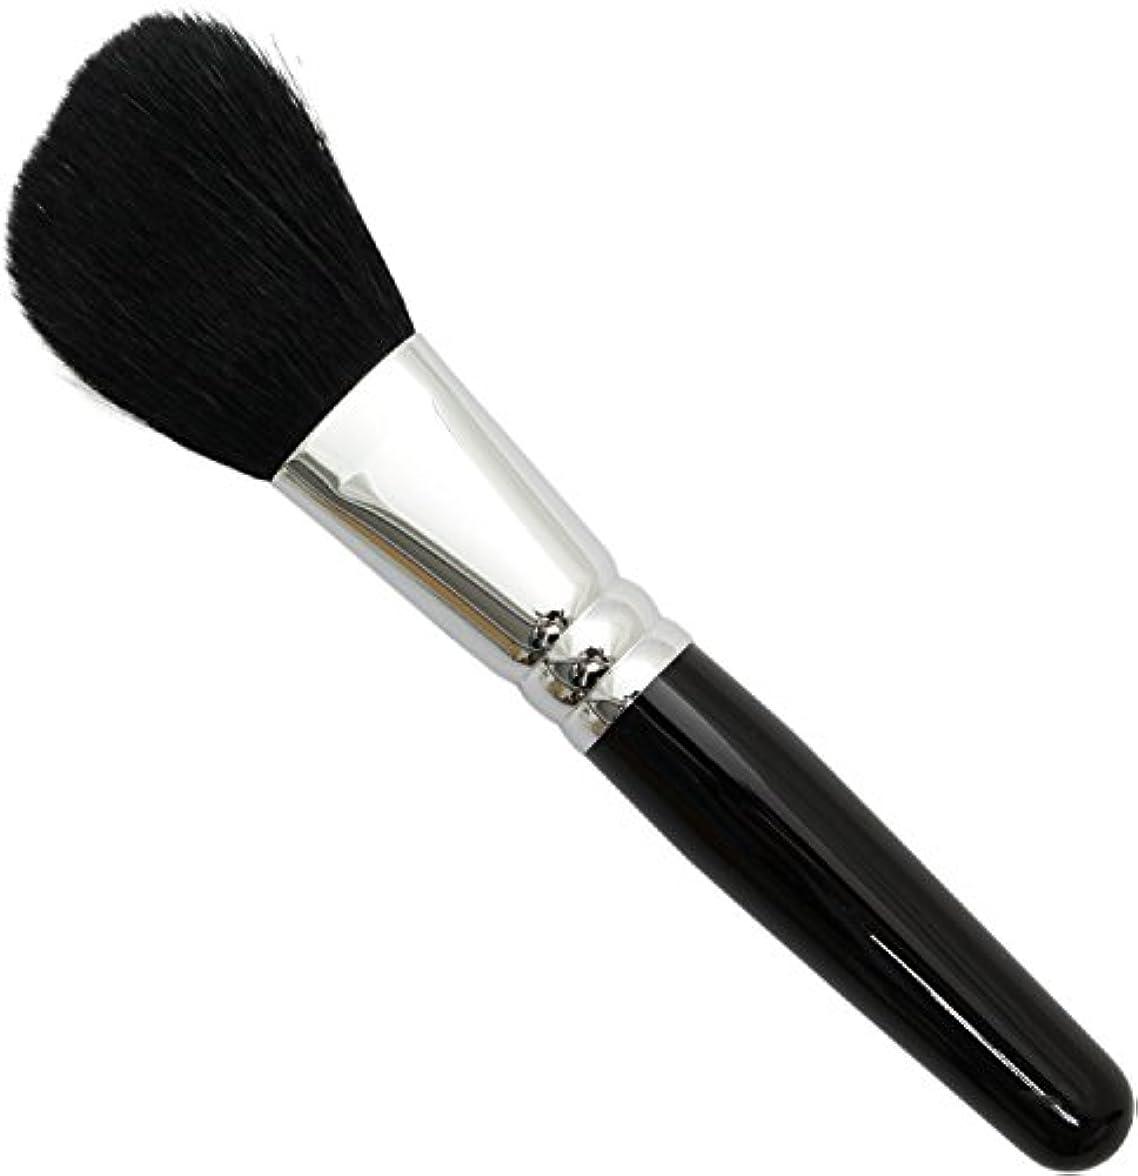 行不良告発熊野筆 メイクブラシ SRシリーズ チークブラシ ななめ 山羊毛